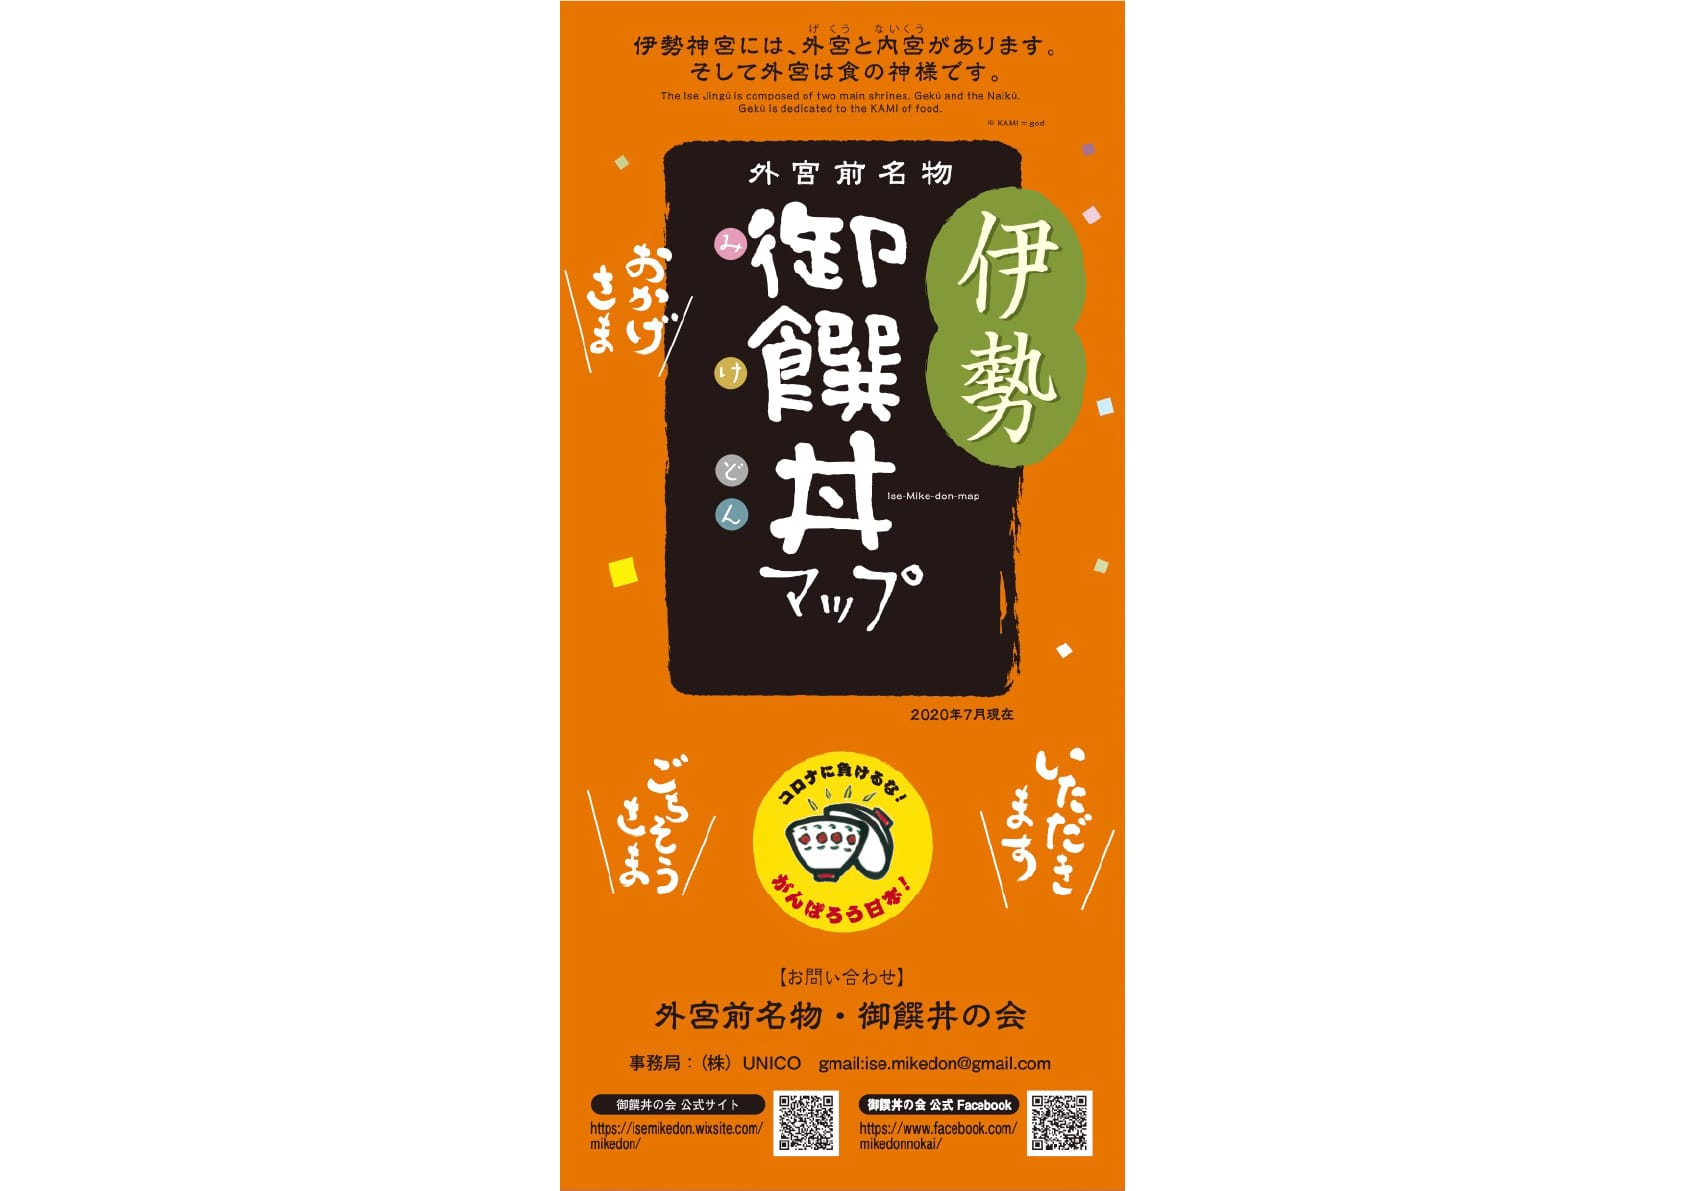 Sotomiya-mae特產伊勢神仙碗(Migan)